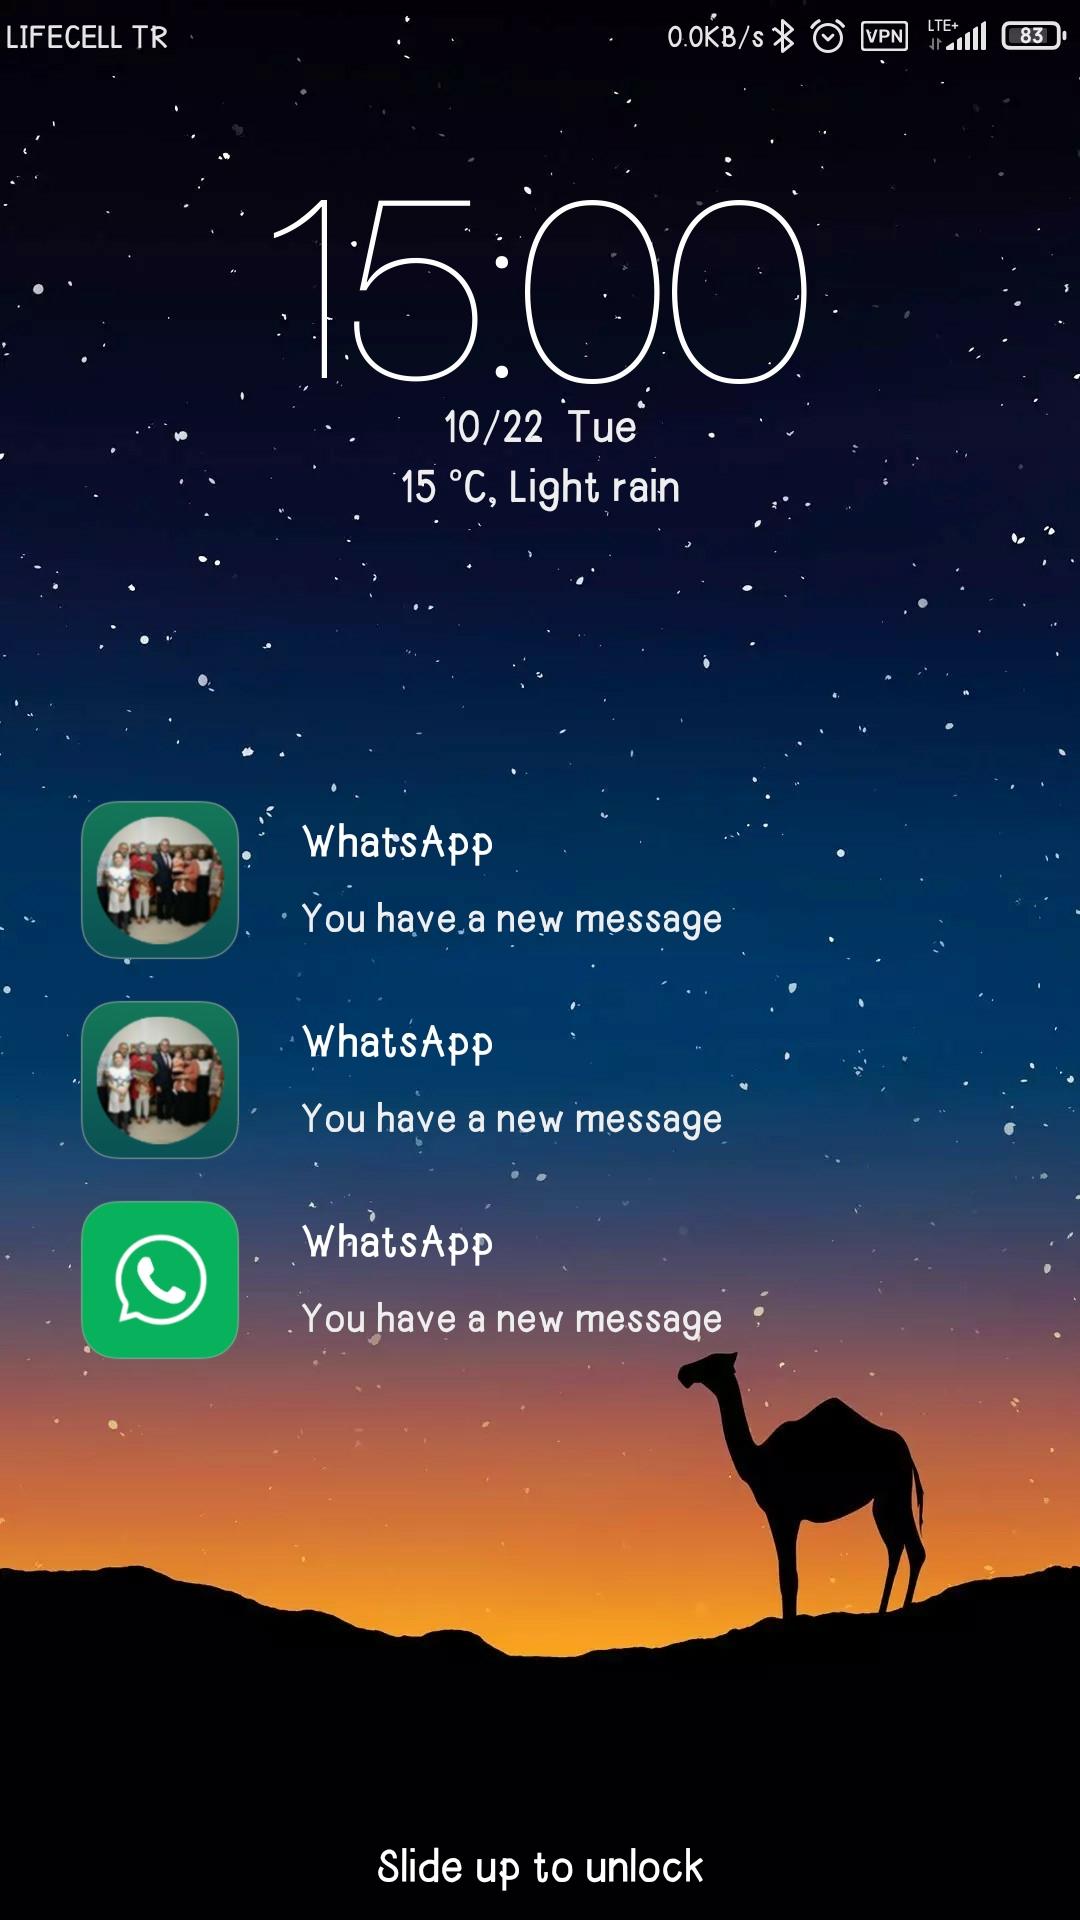 Screenshot_2019-10-22-15-00-17-421_lockscreen.jpg